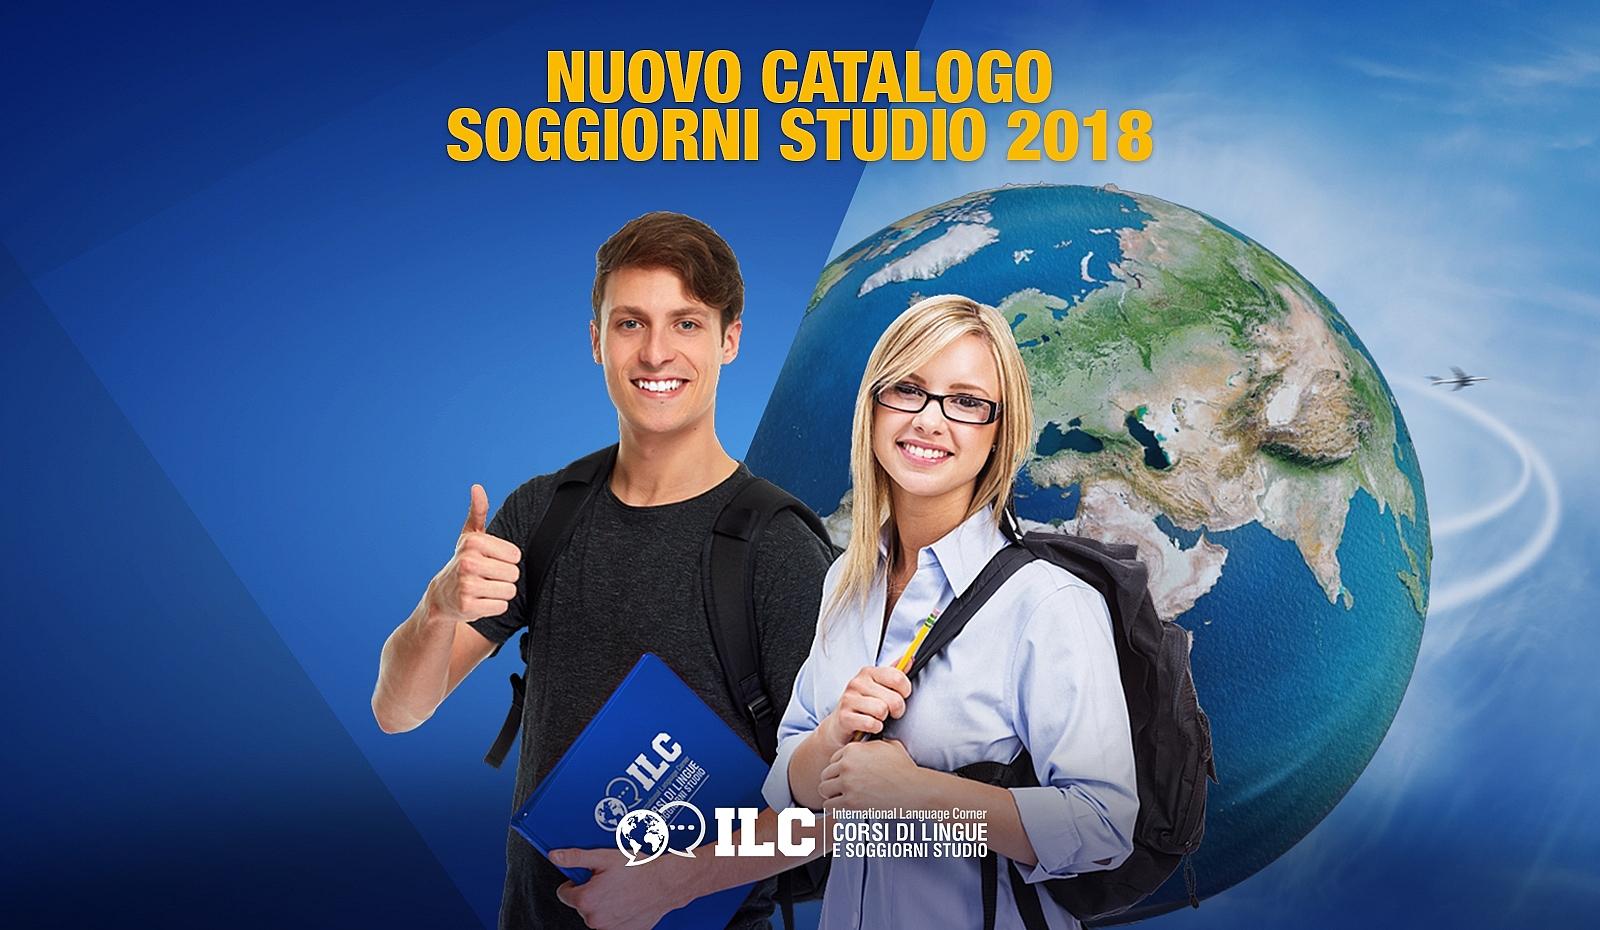 Soggiorni studio 2018 sfoglia il nuovo catalogo for Soggiorni studio in inghilterra